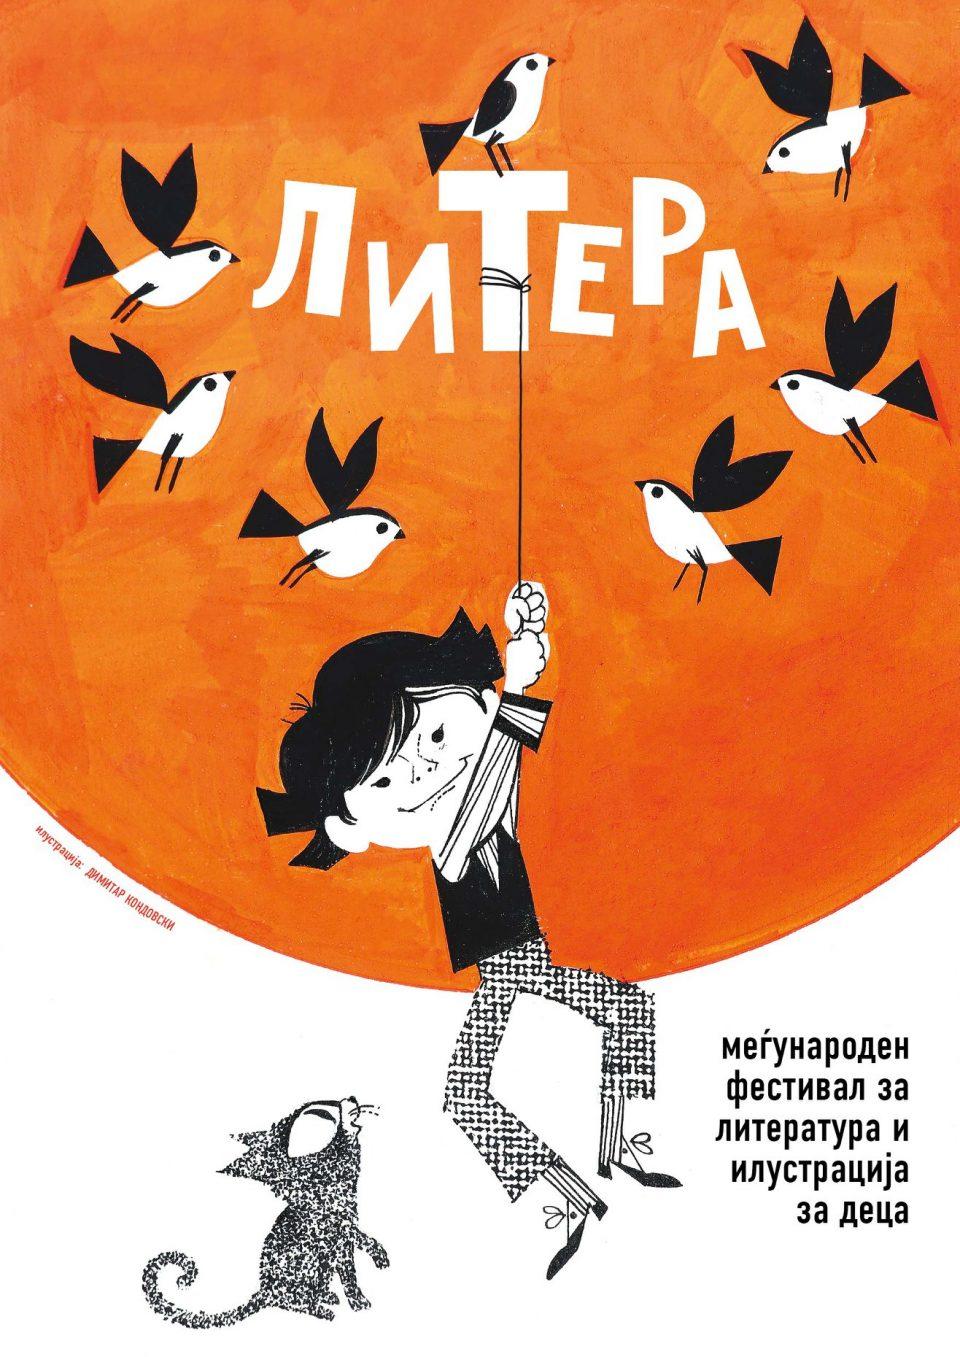 """Вечерва во """"Мала станица"""" се отвора изложбата на илустрации на доајенот на македонското сликарство Димитар Кондовски"""